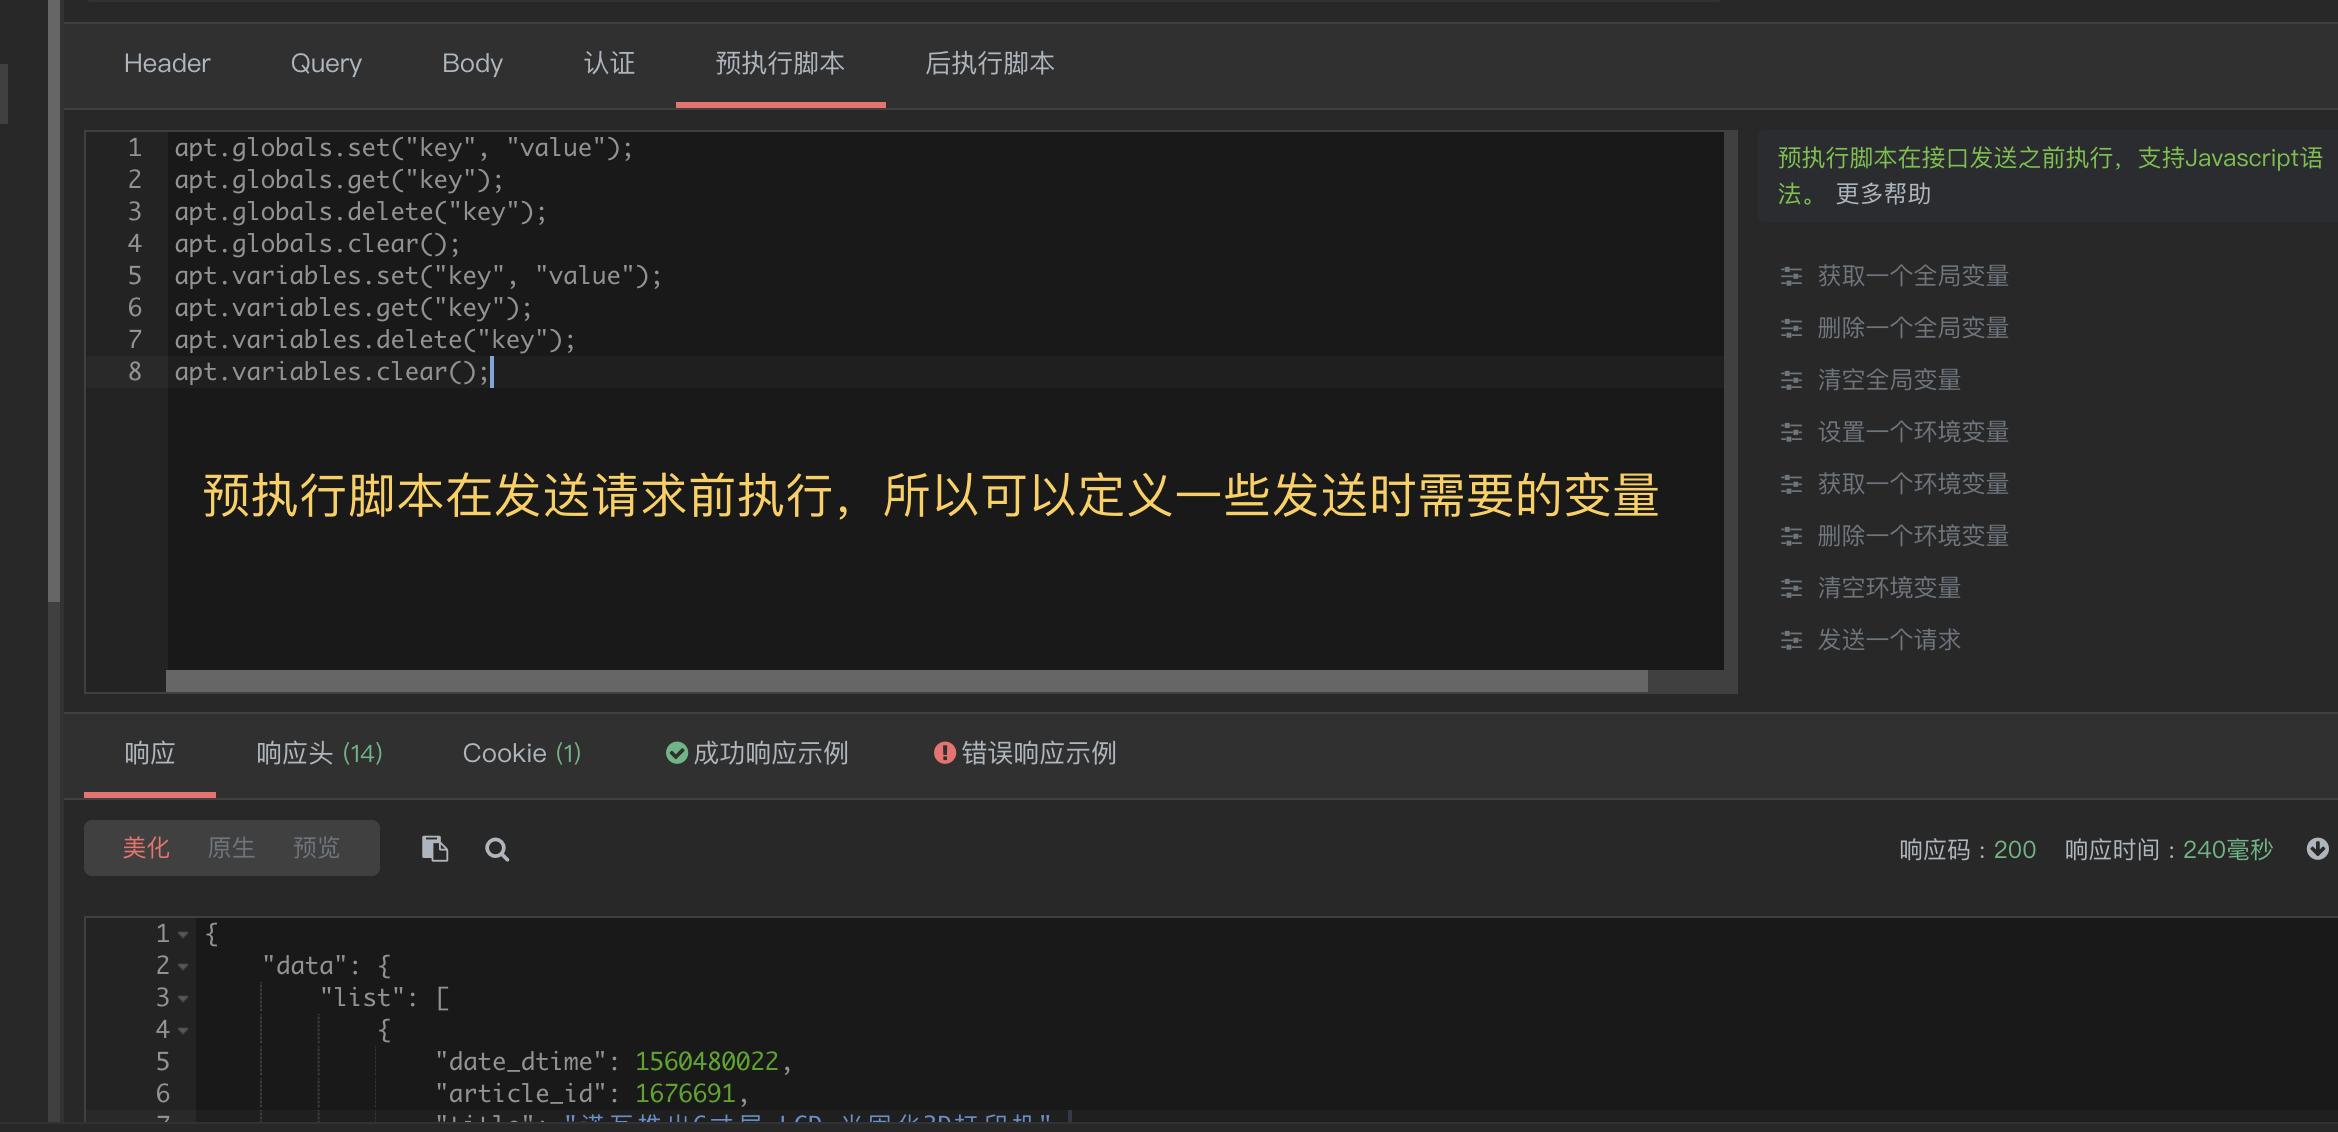 ApiPost的预执行脚本和后执行脚本